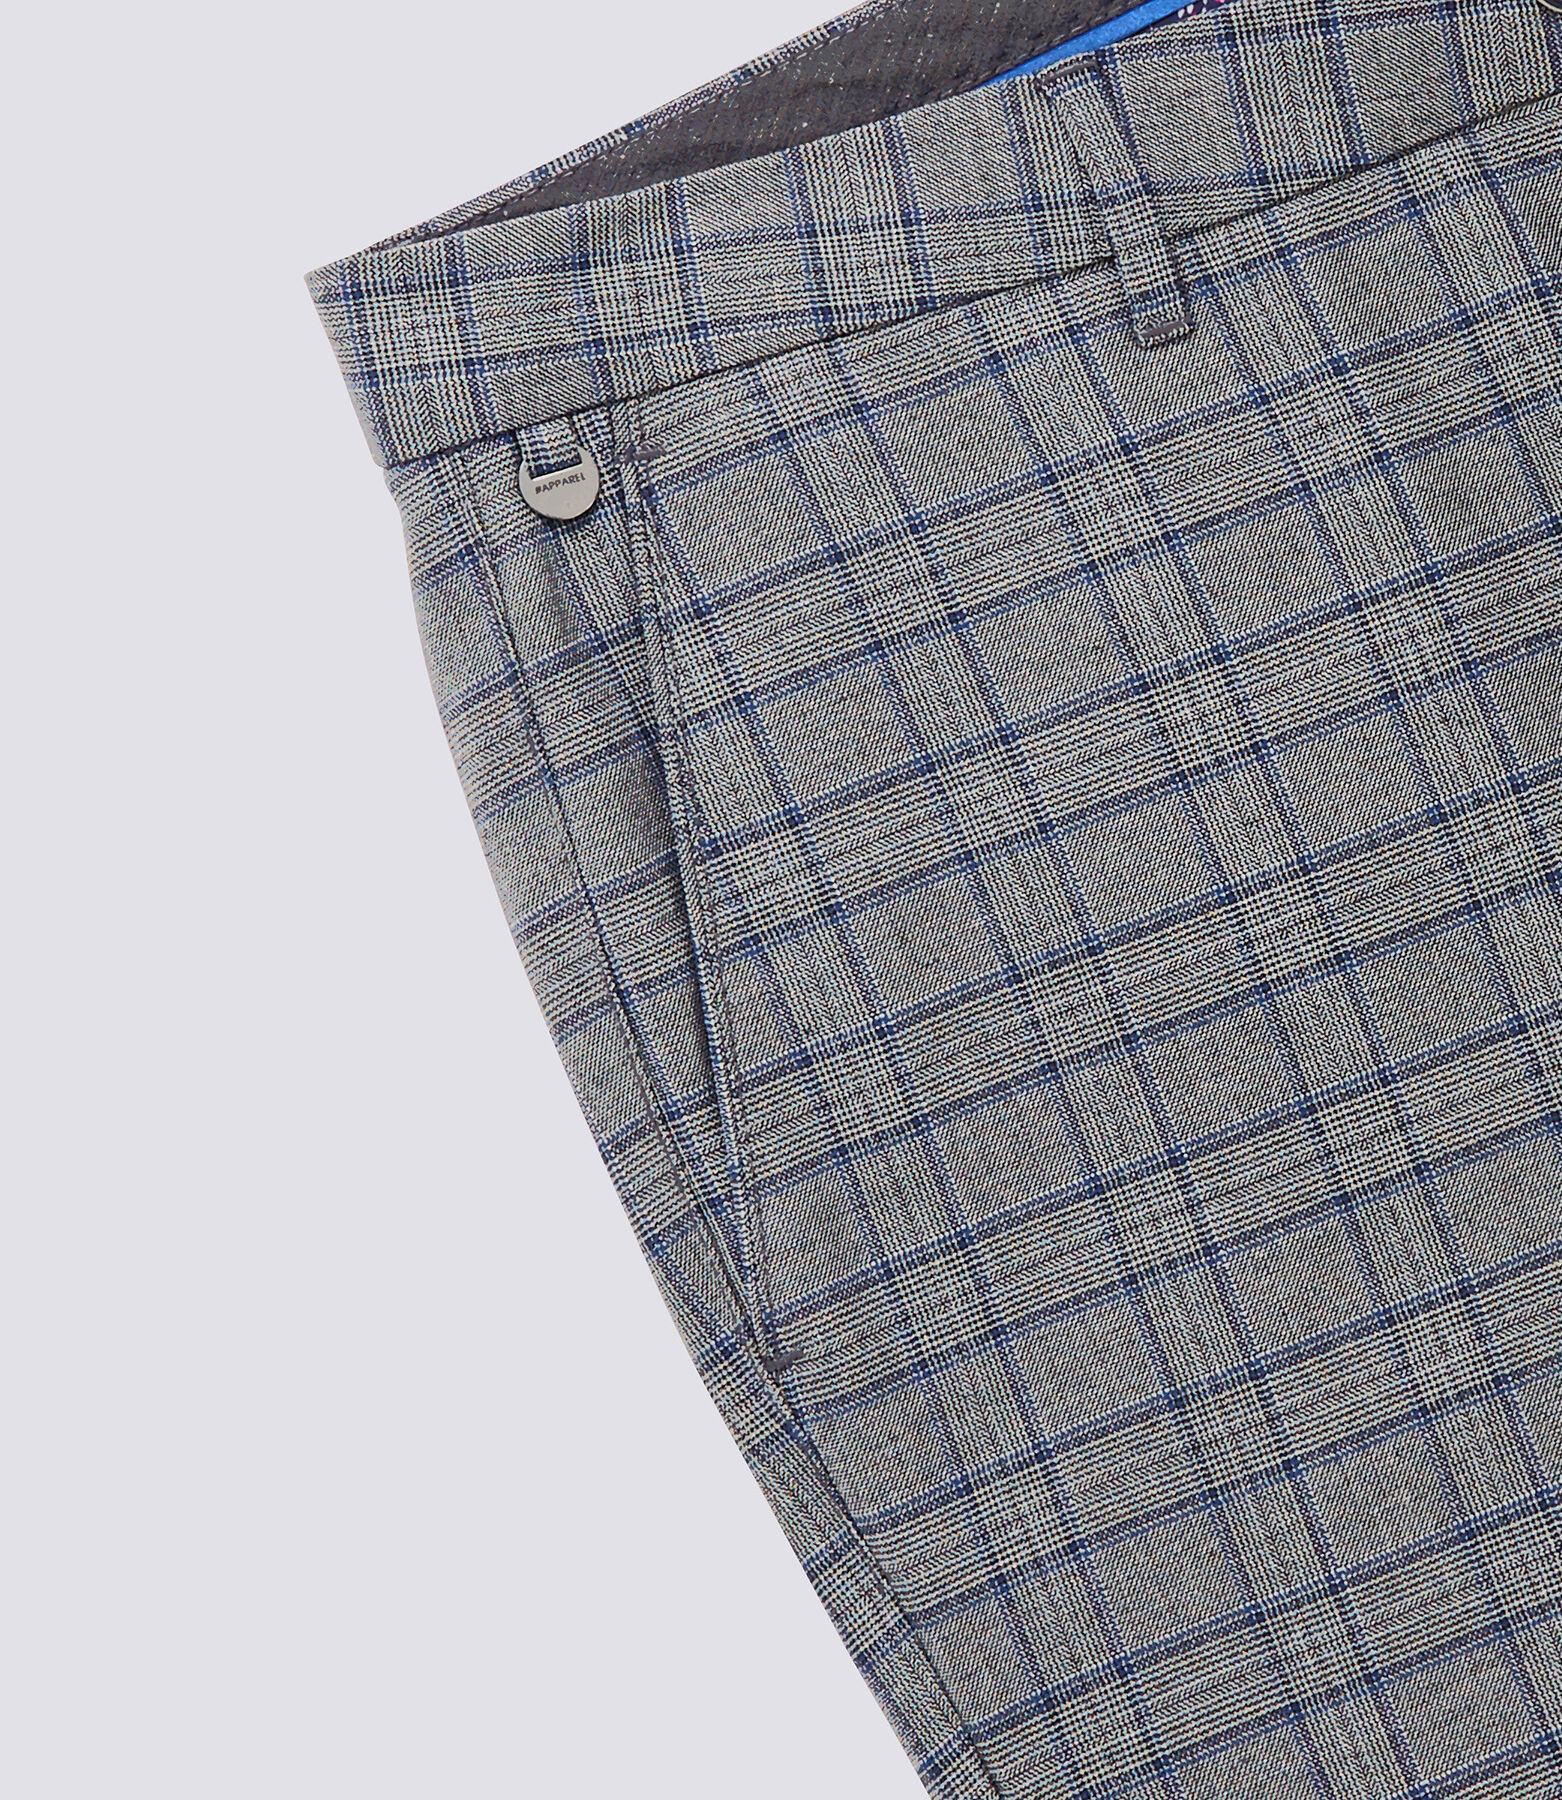 Pantalon Urbain Gris Carreaux